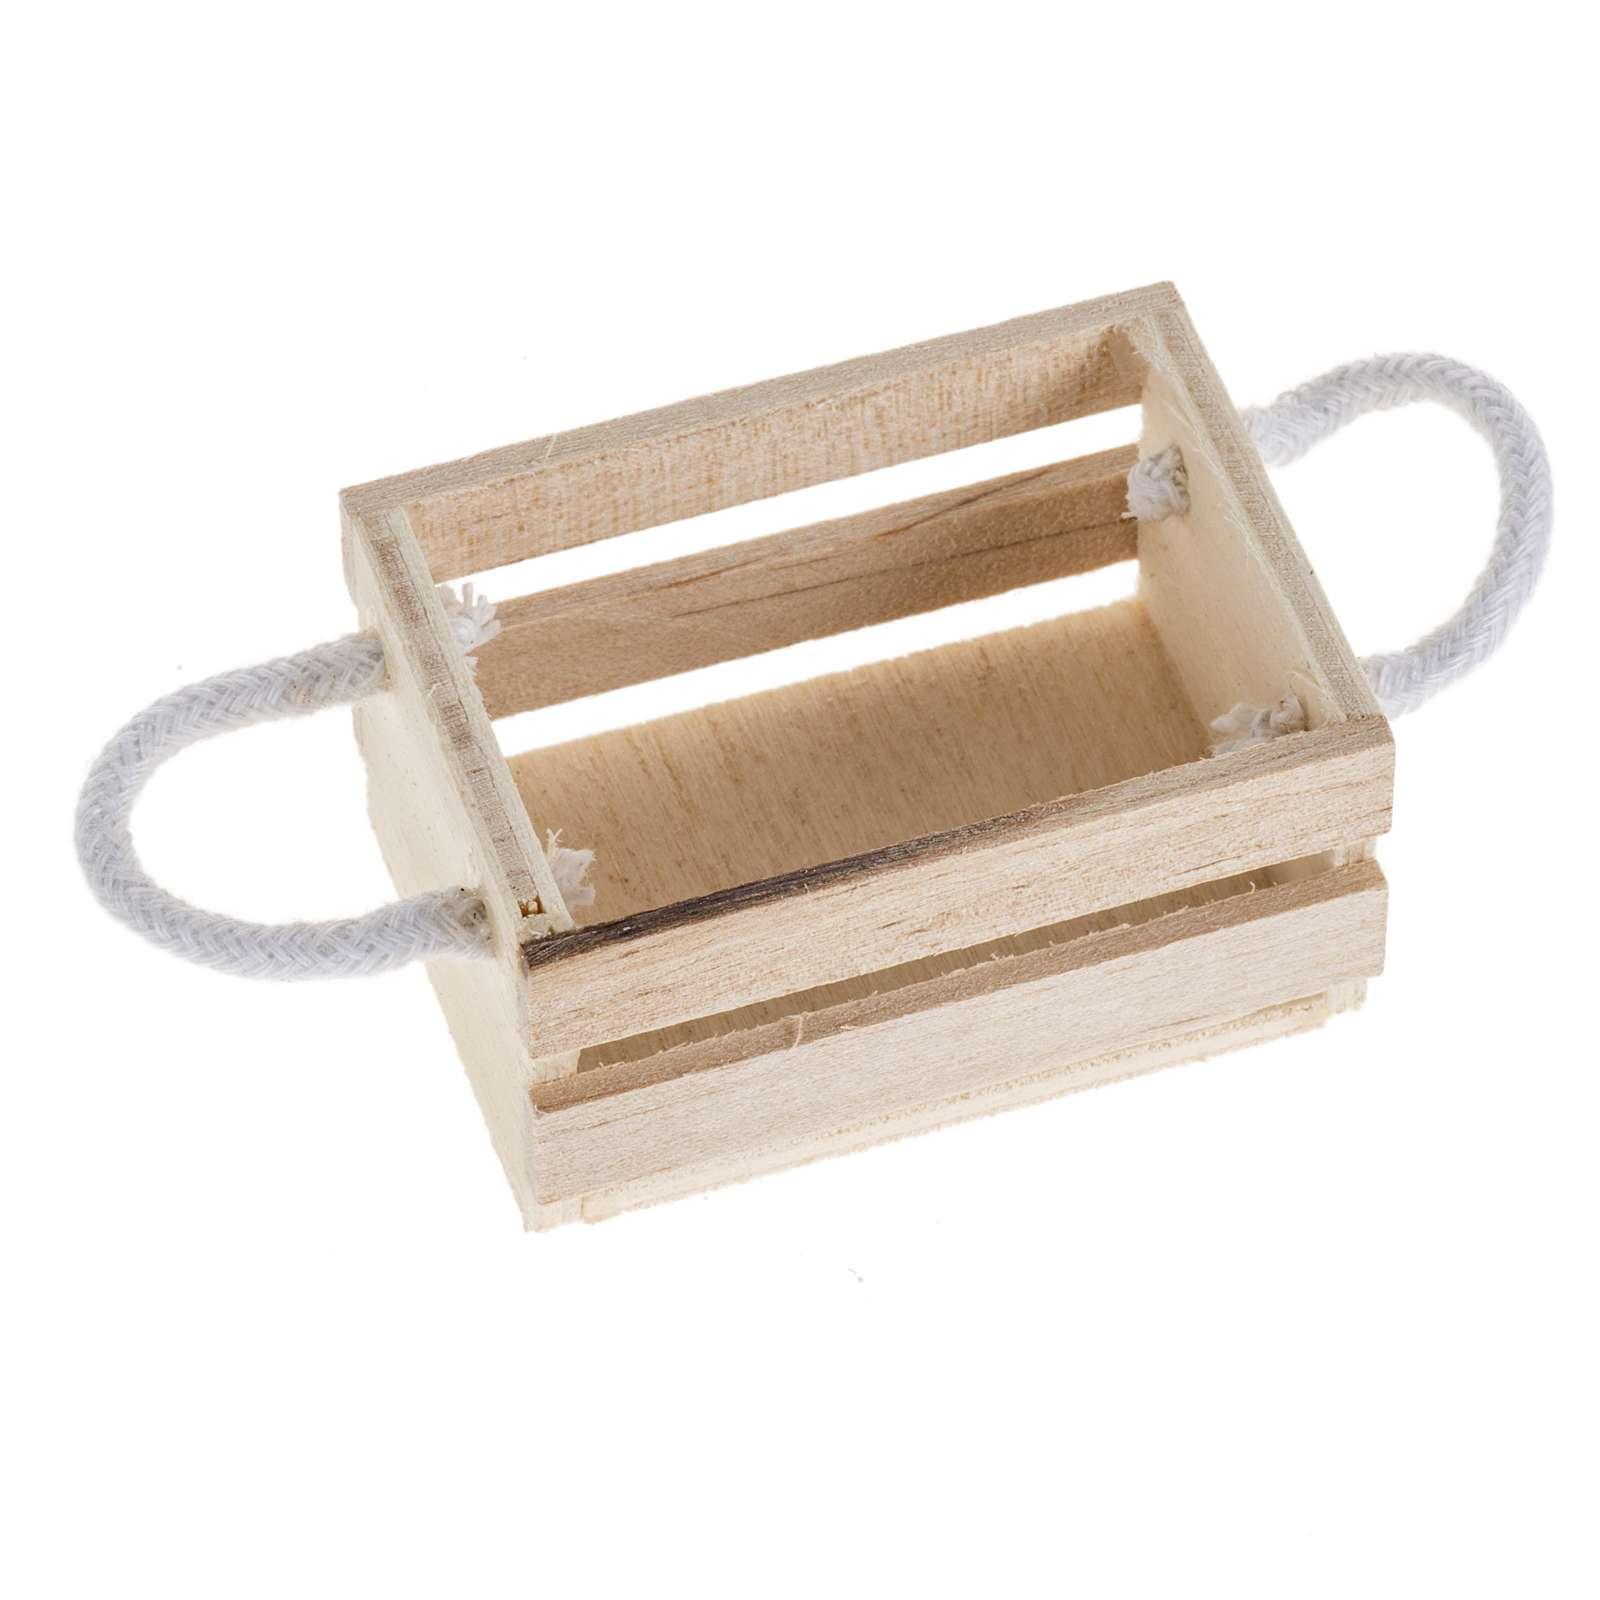 Cassetta legno manici in corda 4